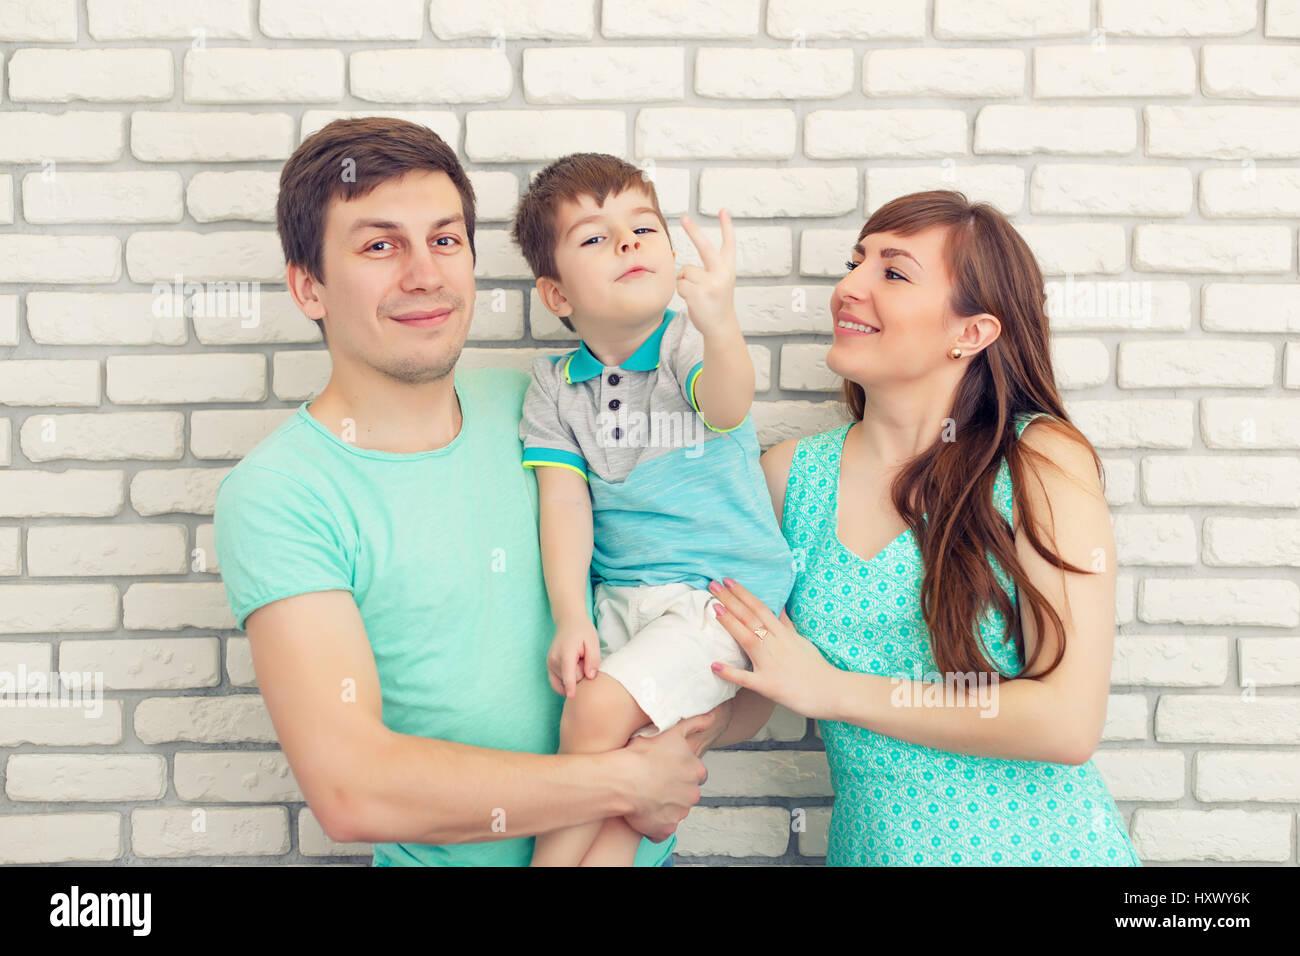 Felice e sorridente giovane famiglia ritratto sul muro di mattoni in background. Il padre e la madre con bambino Immagini Stock